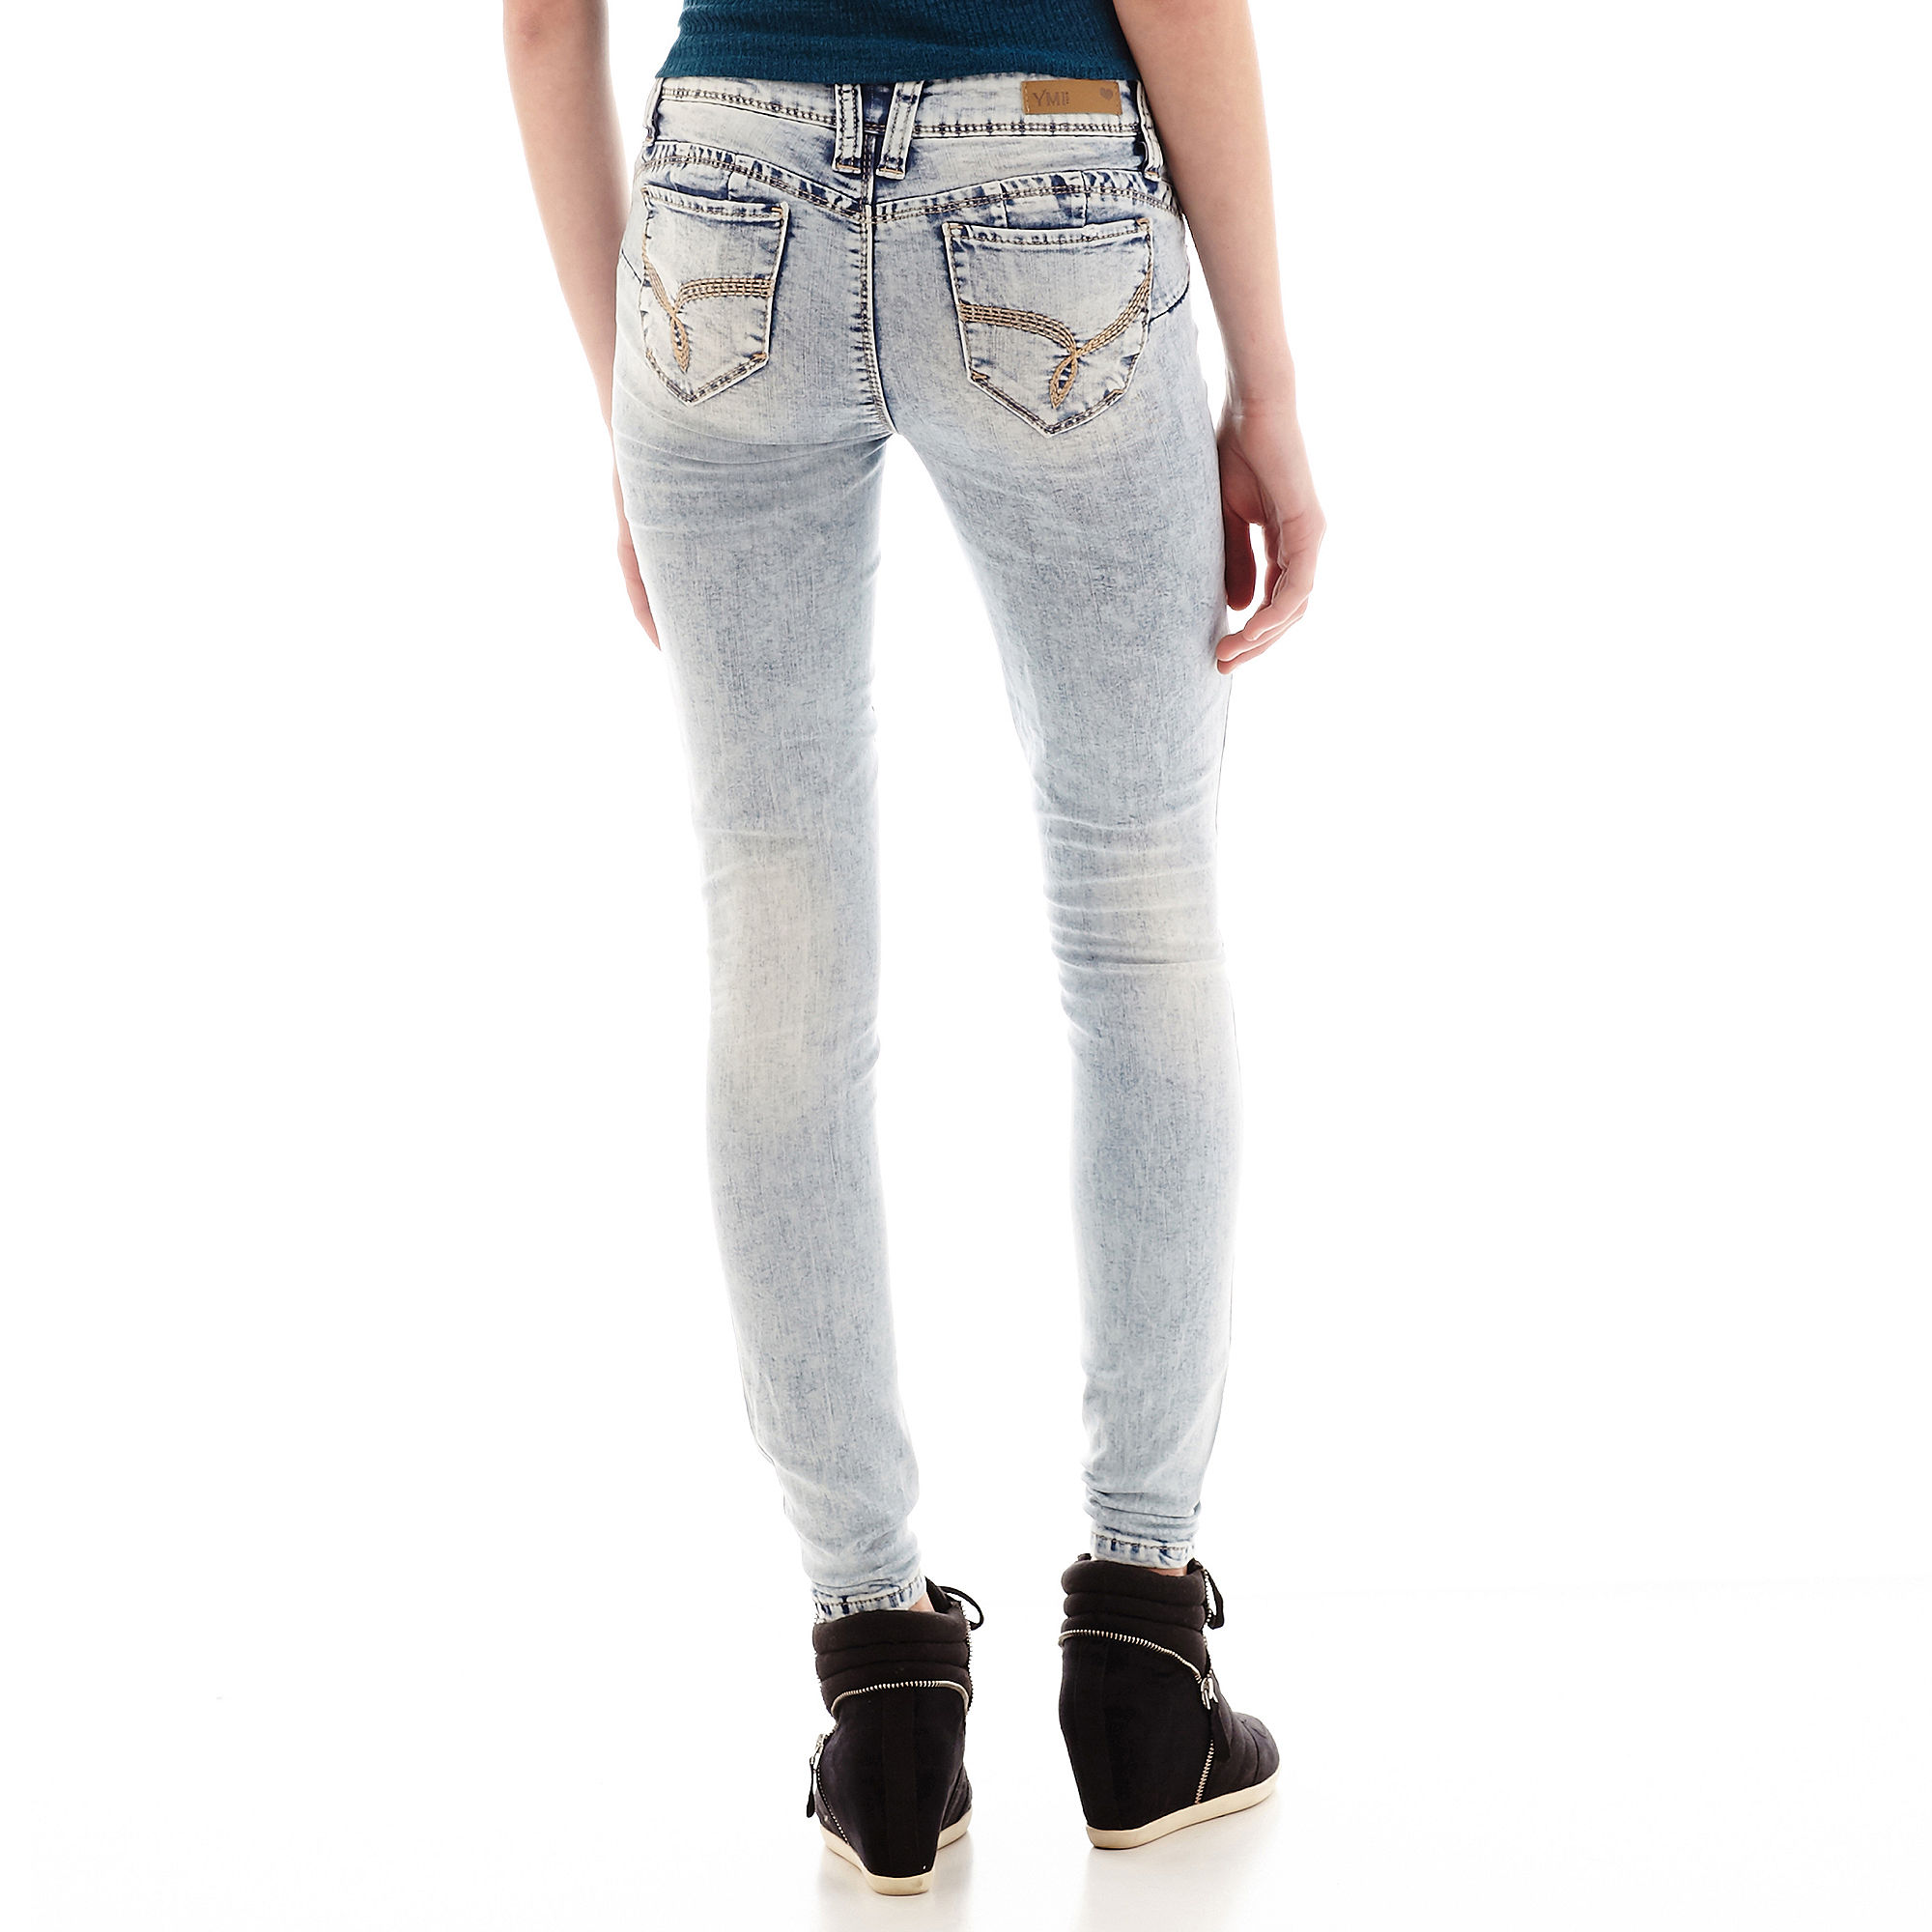 YMI Wanna Betta Butt Acid-Wash Skinny Jeans